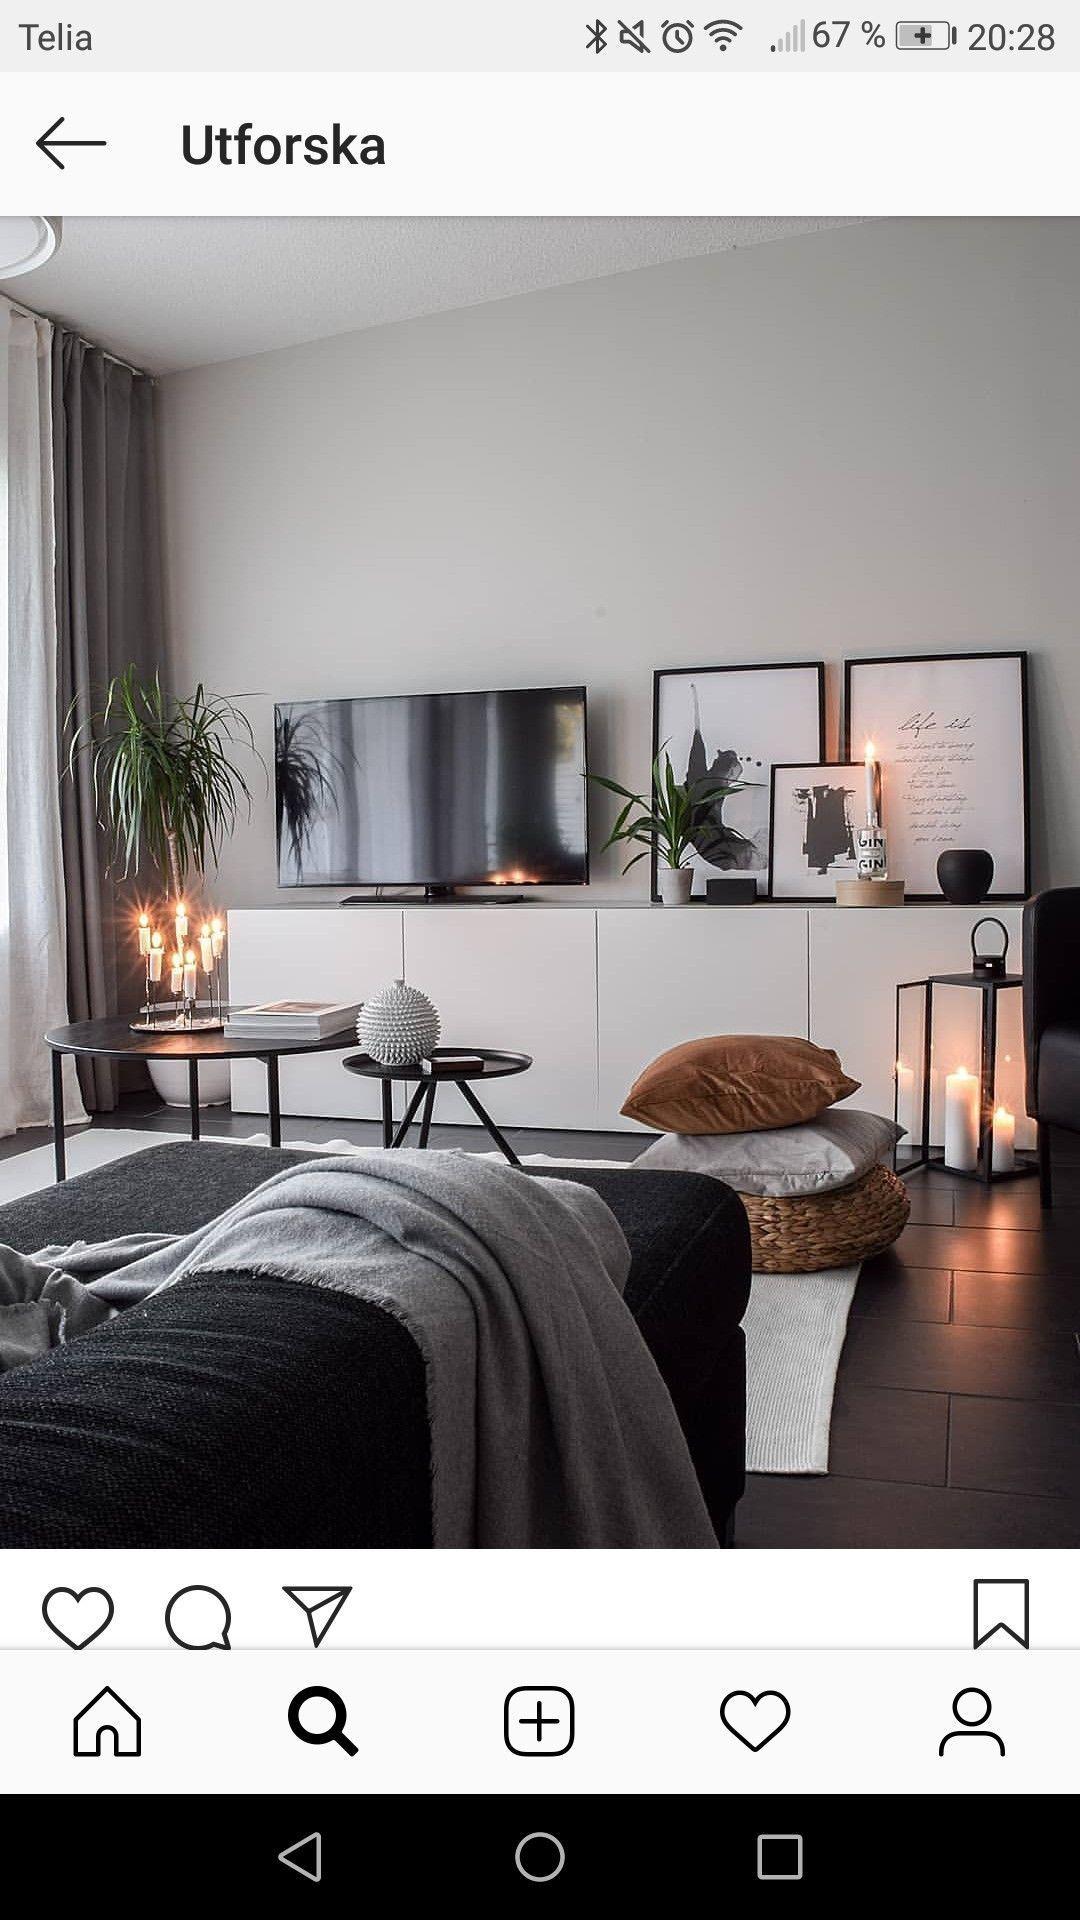 wohnzimmer inspo  Unterhaltungsbereich, schwarz-weiß - New Ideas